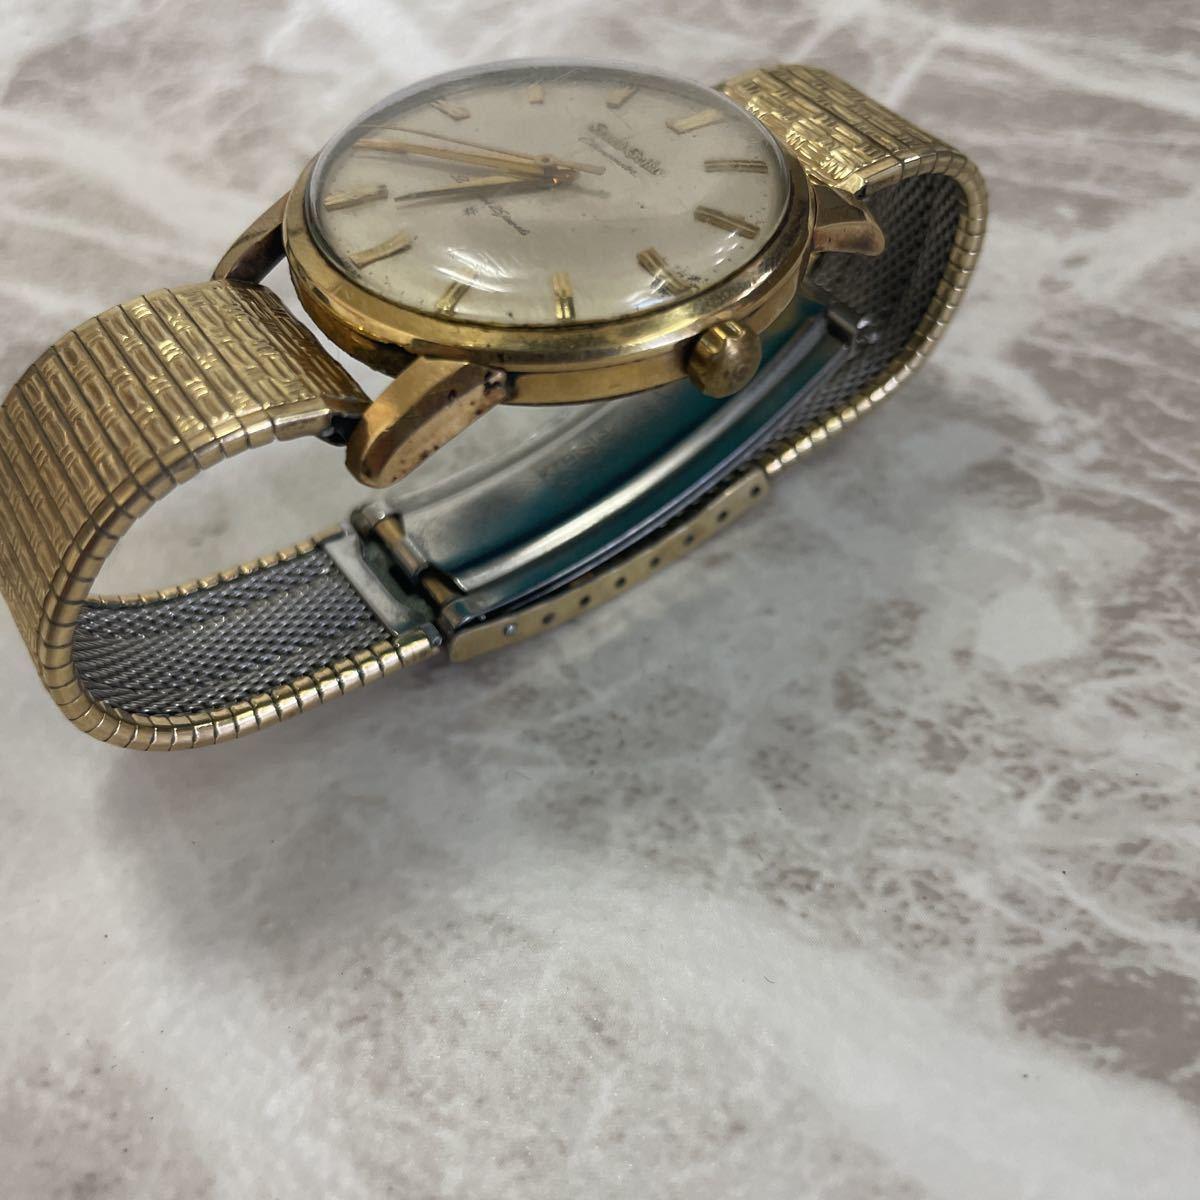 稼働品・ムーブ綺麗・SEIKO セイコー GS グランドセイコー ファースト 1st Ref.J14070 Cal.3180 メンズ 腕時計 獅子メダル 14K 金張り_画像4